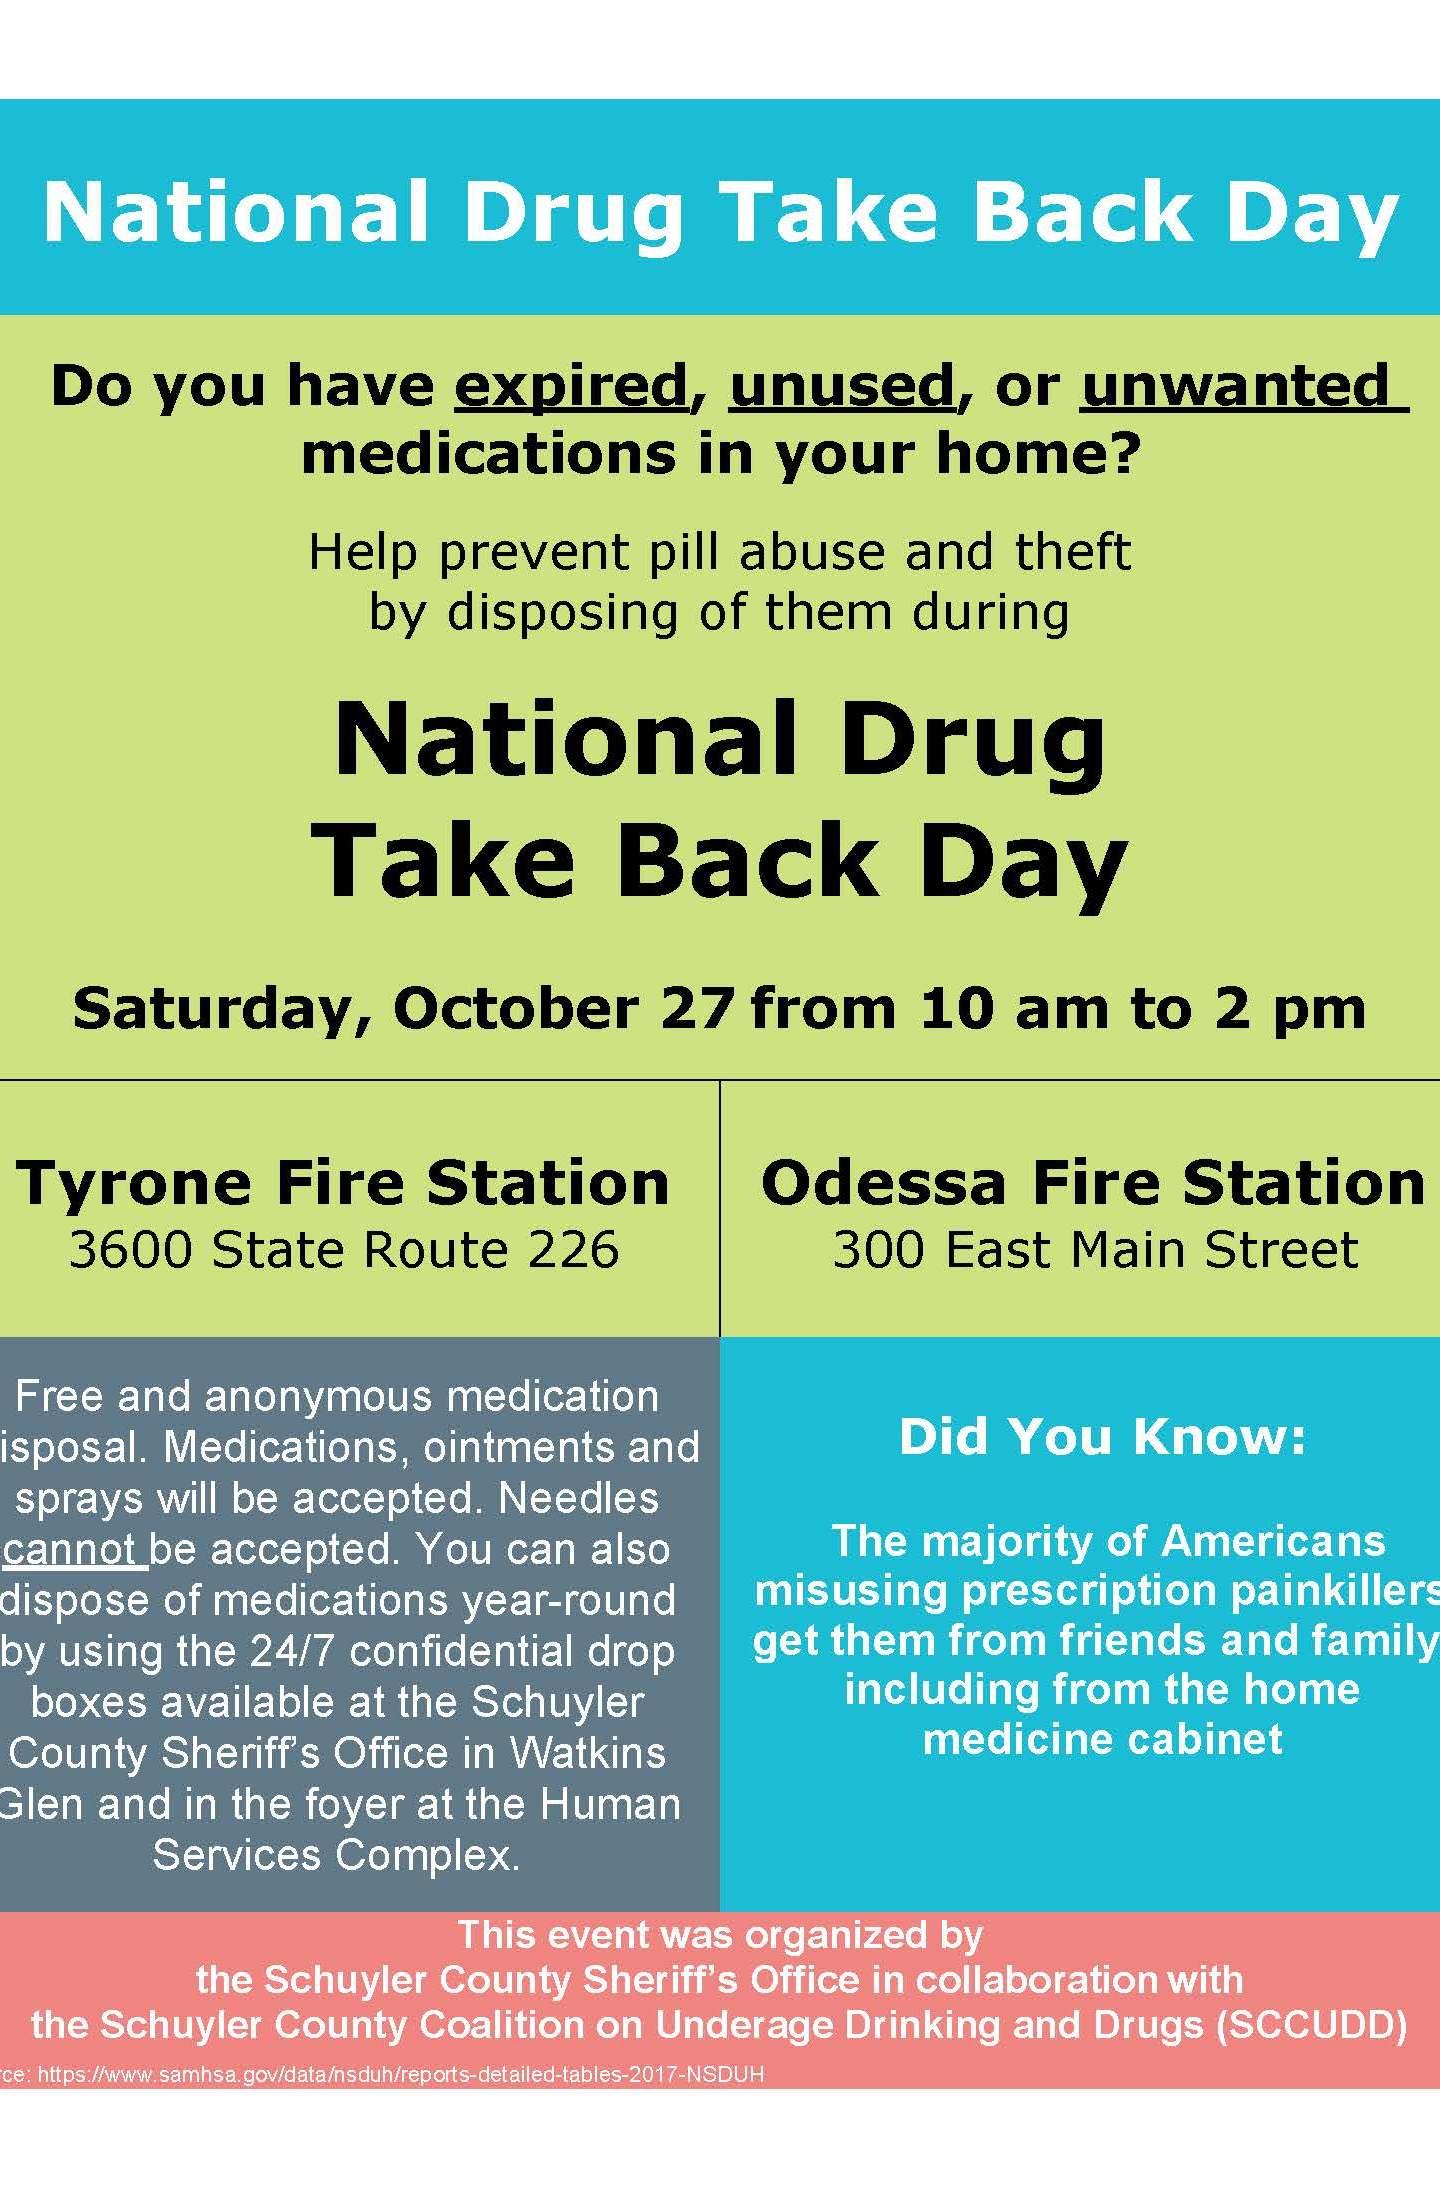 National Drug Take Back Day Flyer_Oct 2018_1539621350419.jpg.jpg